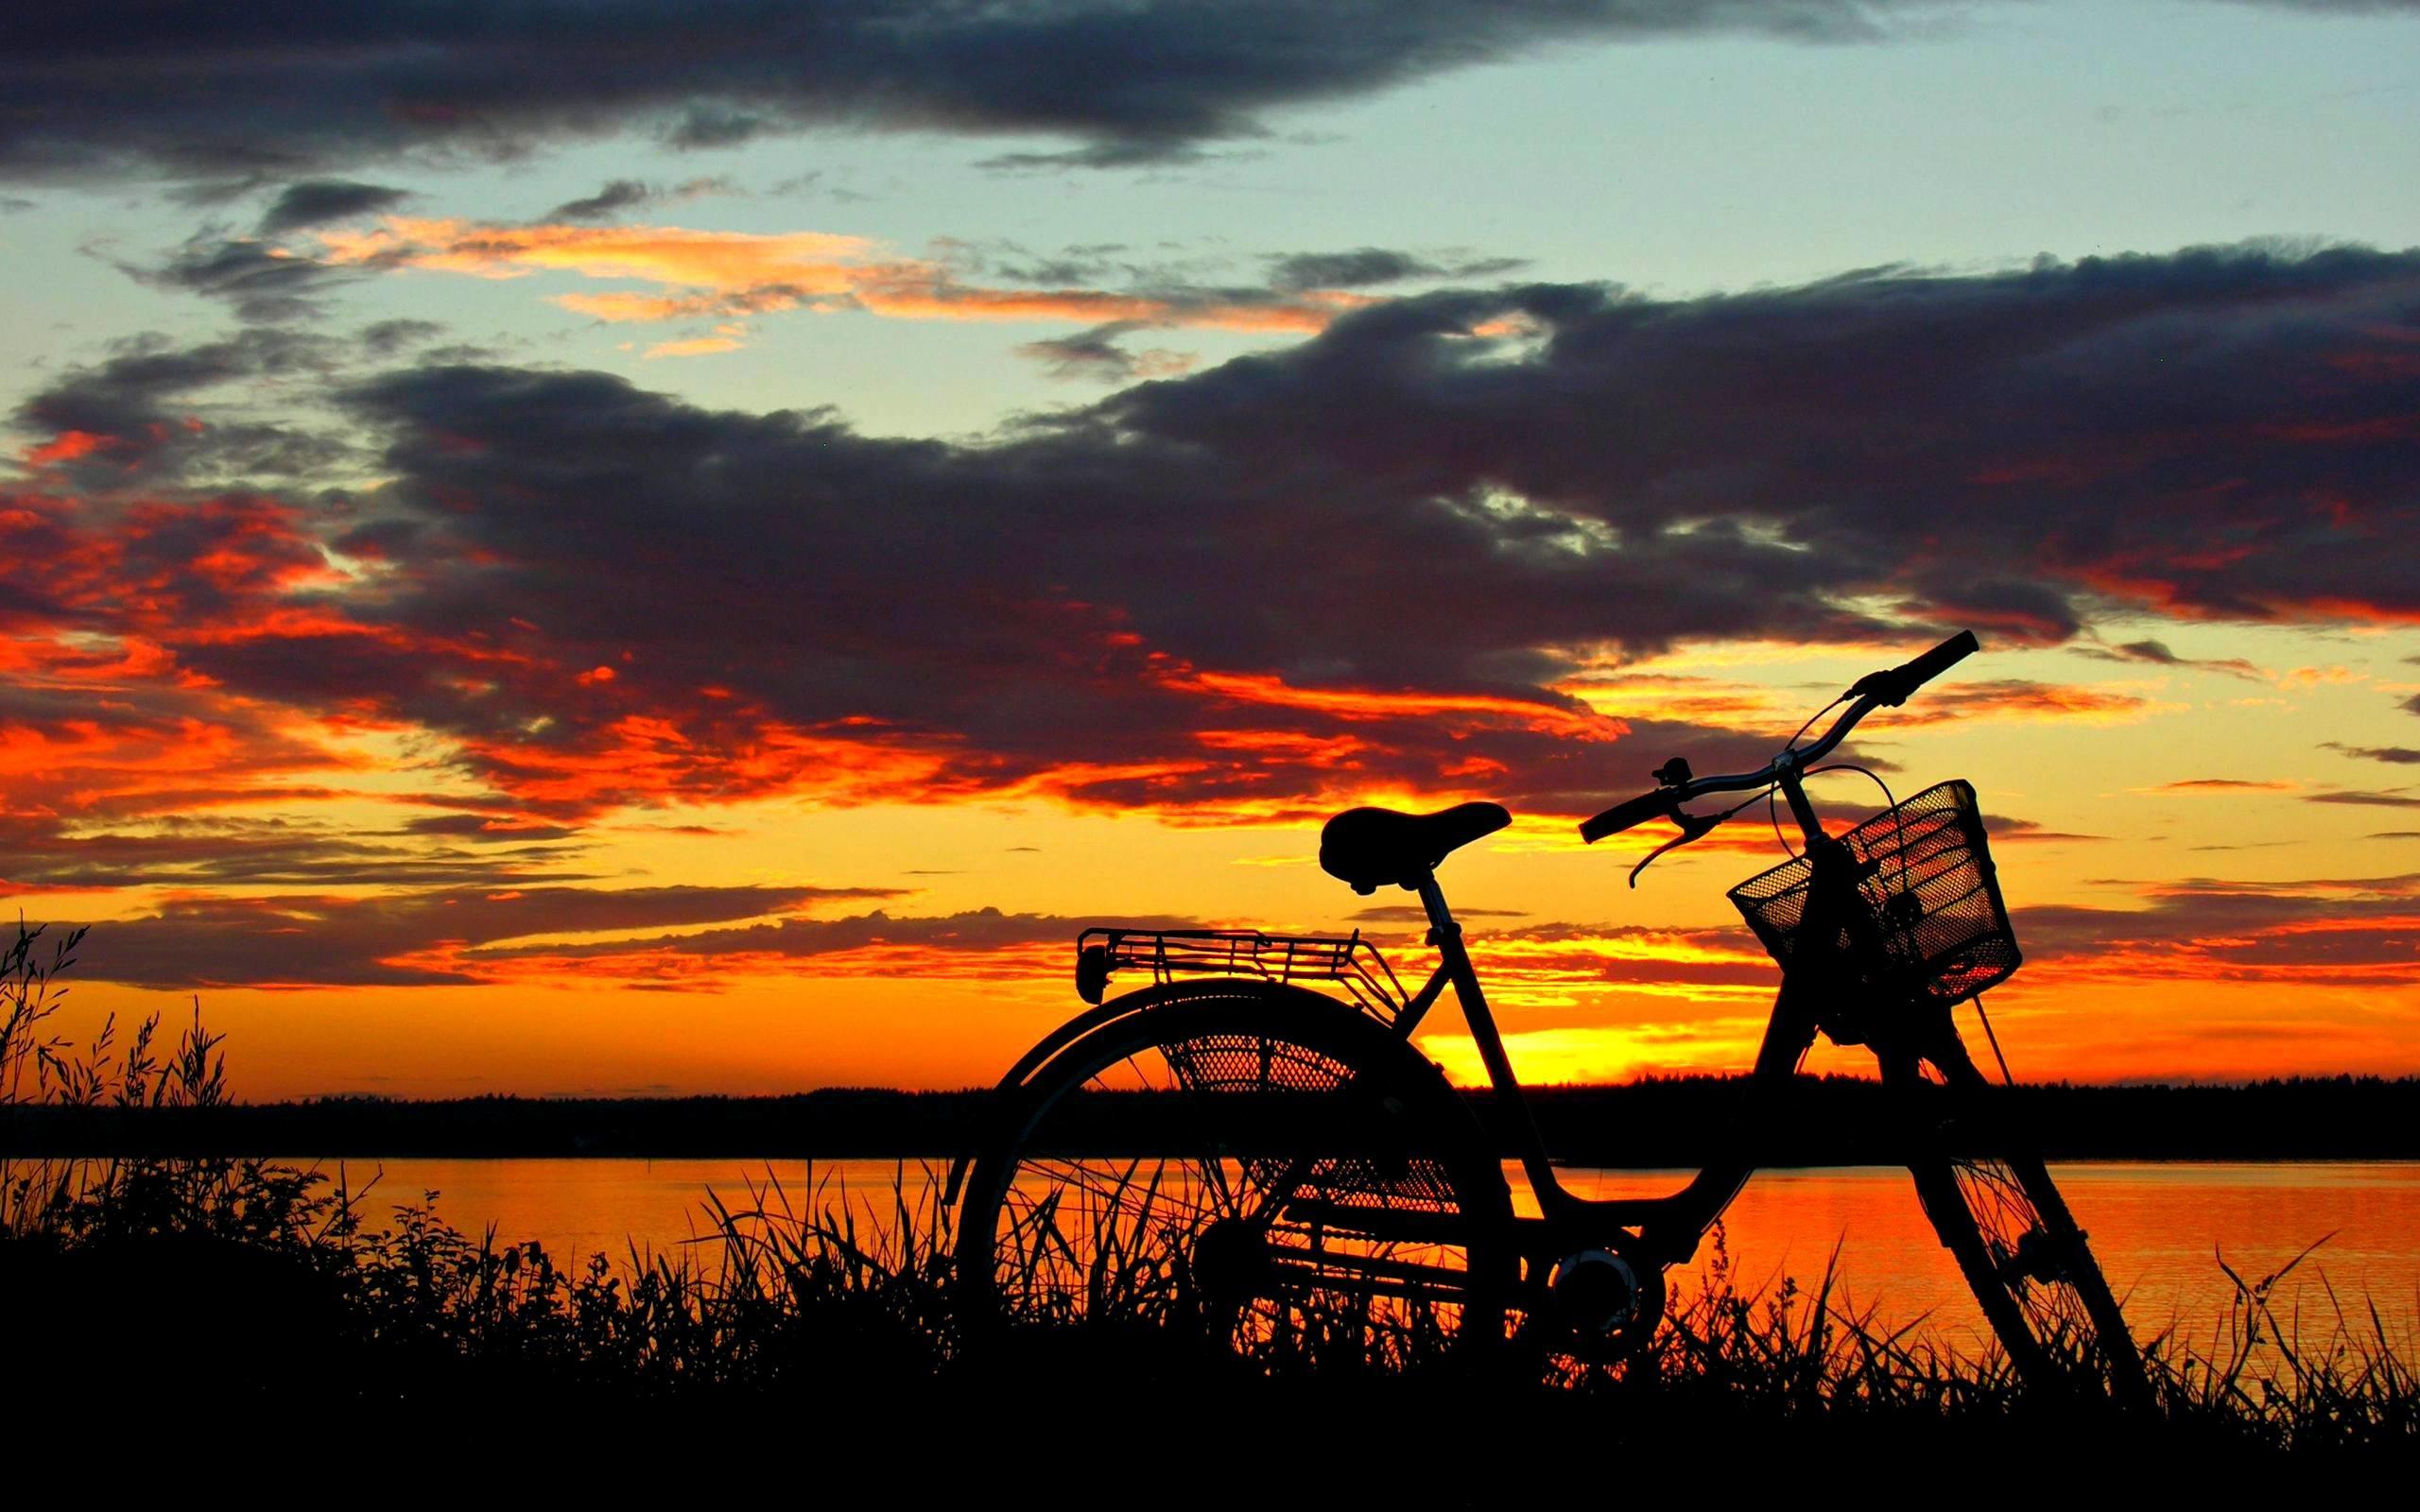 beautiful sunset wallpaper ·①